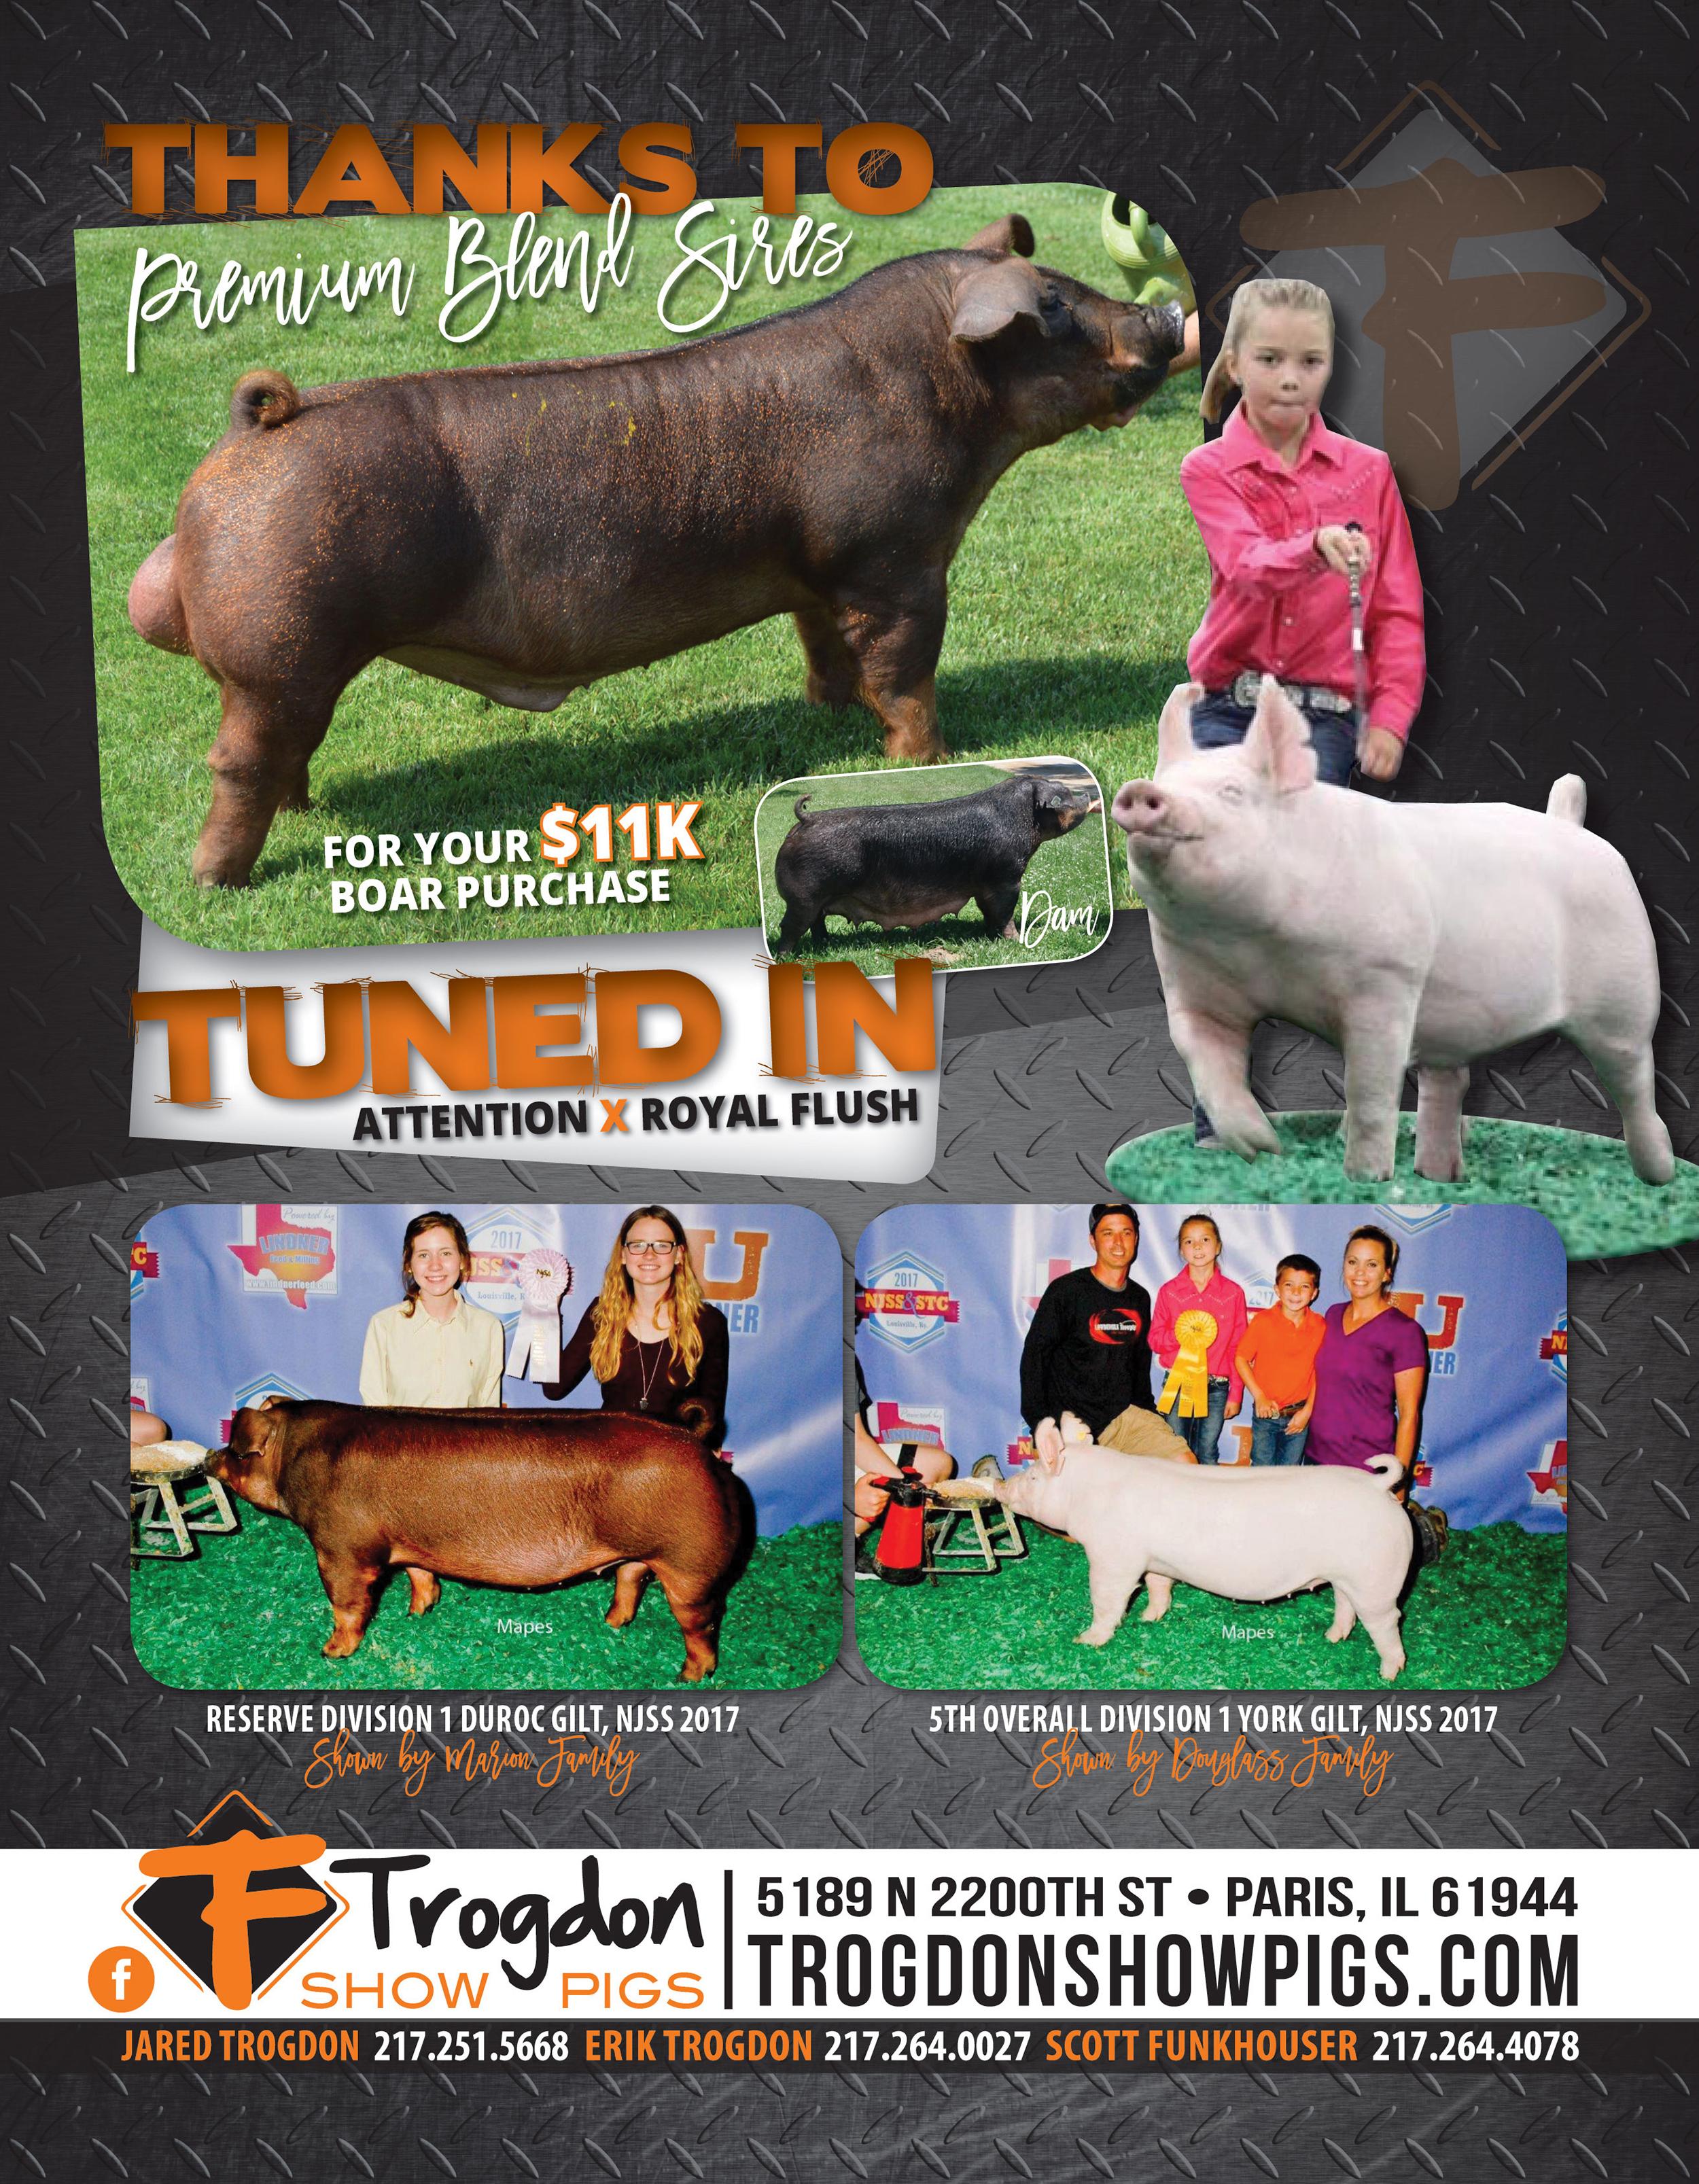 Trogdon-Show-Pigs_Su17_TunedIn-Ad.jpg